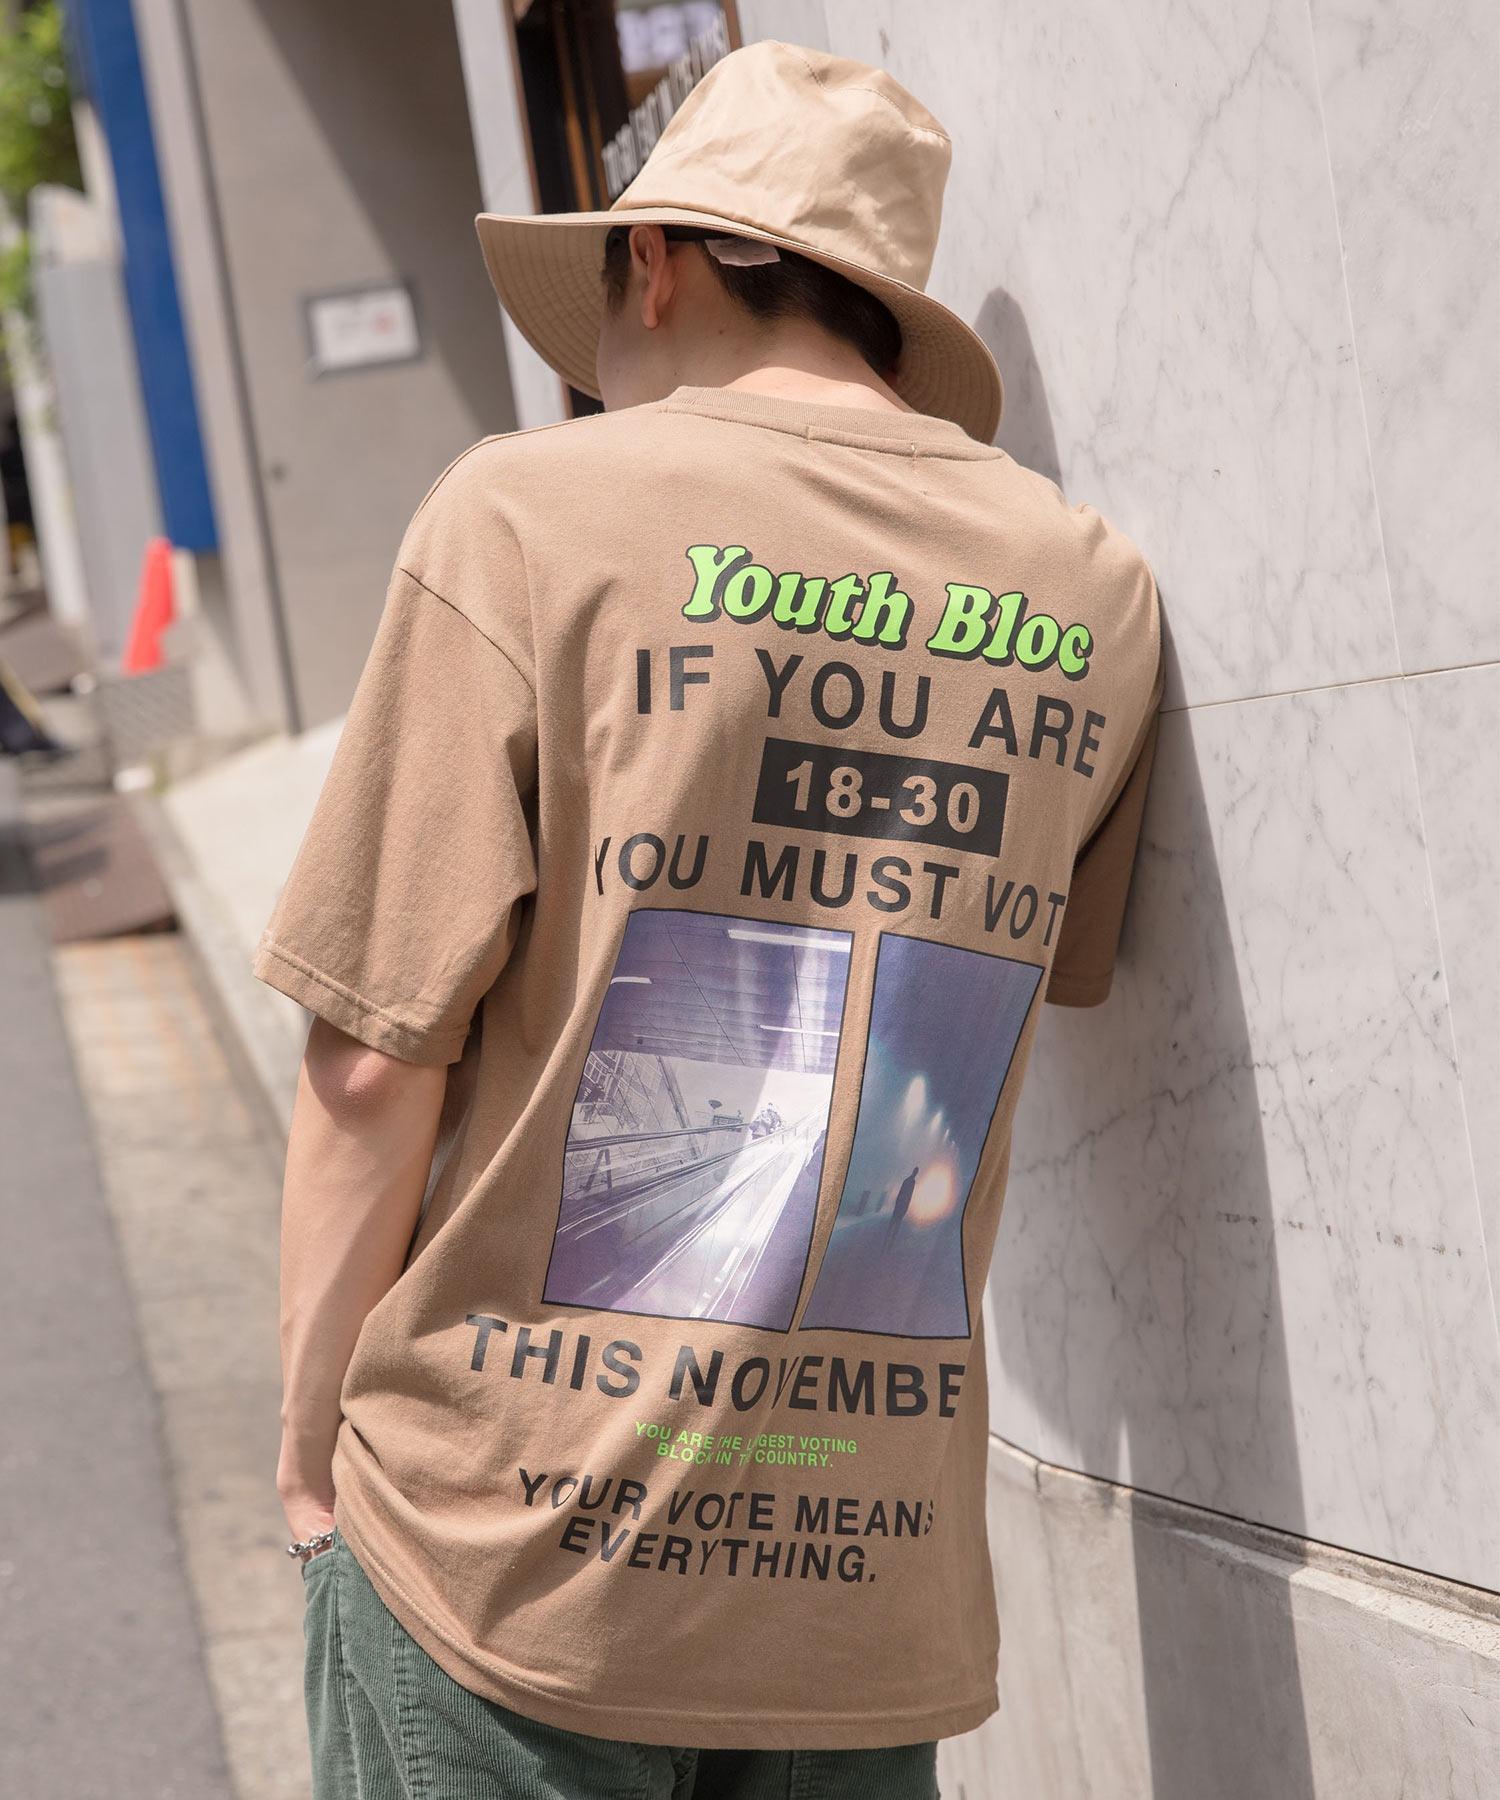 【BASQUE -enthusiastic design-】ビッグシルエット バック フォト転写プリント 半袖 カットソー